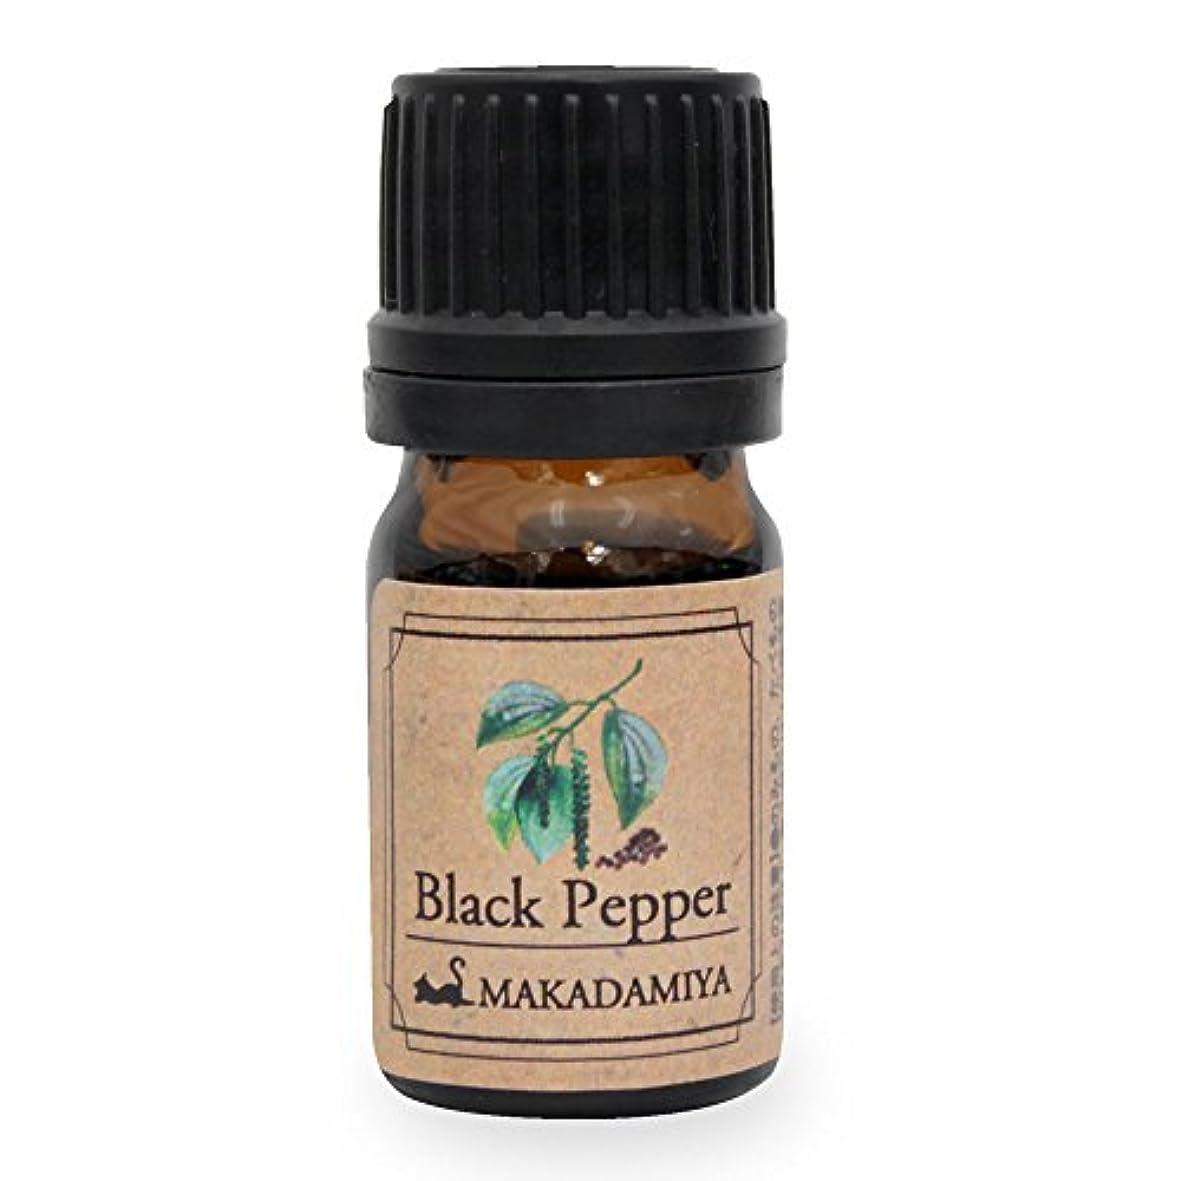 塗抹チャーター動機ブラックペッパー5ml 天然100%植物性 エッセンシャルオイル(精油) アロマオイル アロママッサージ aroma Black Pepper